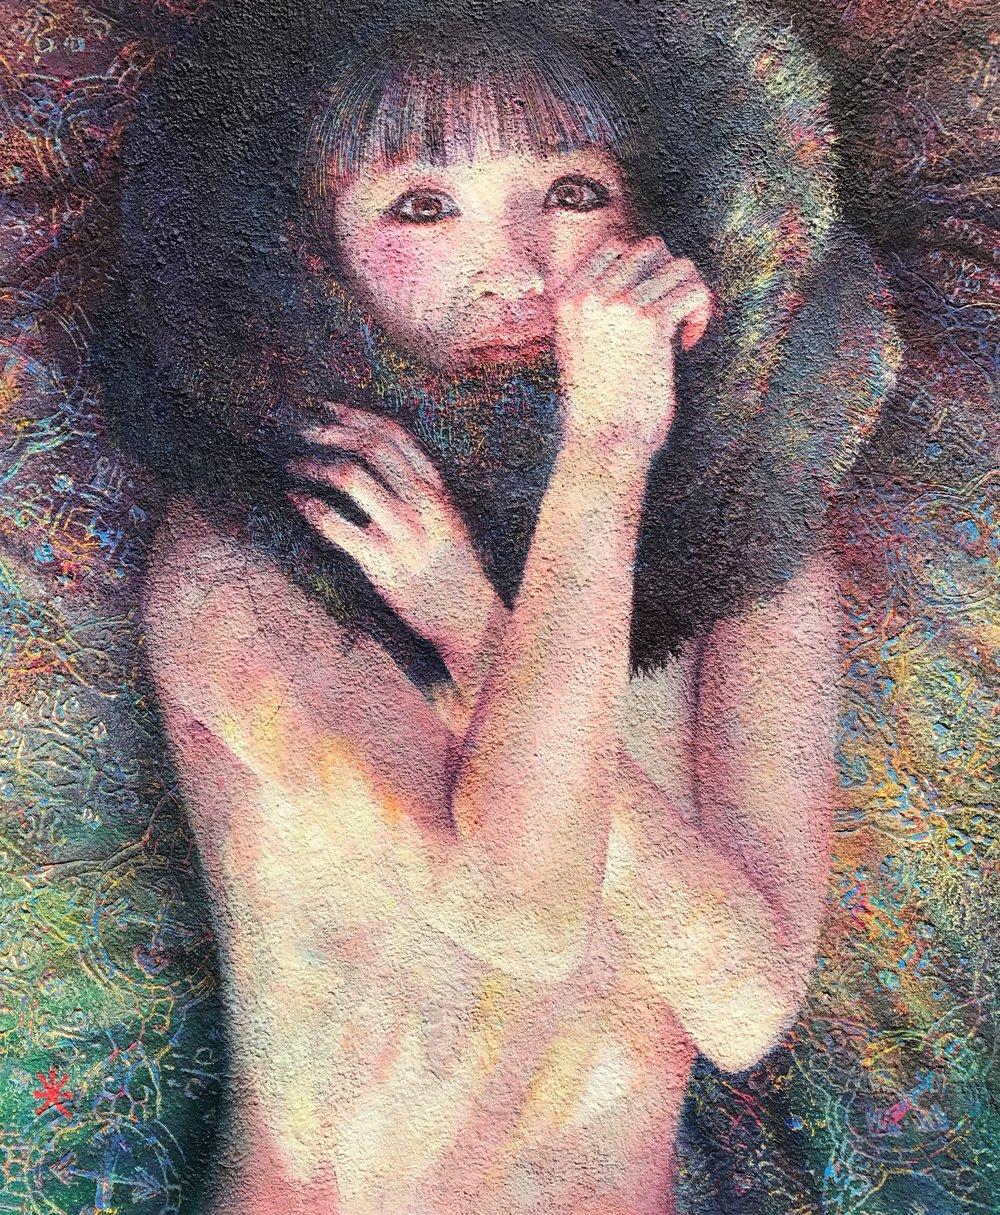 MitsuruIchikawa_Daydream,45.4x38.jpg